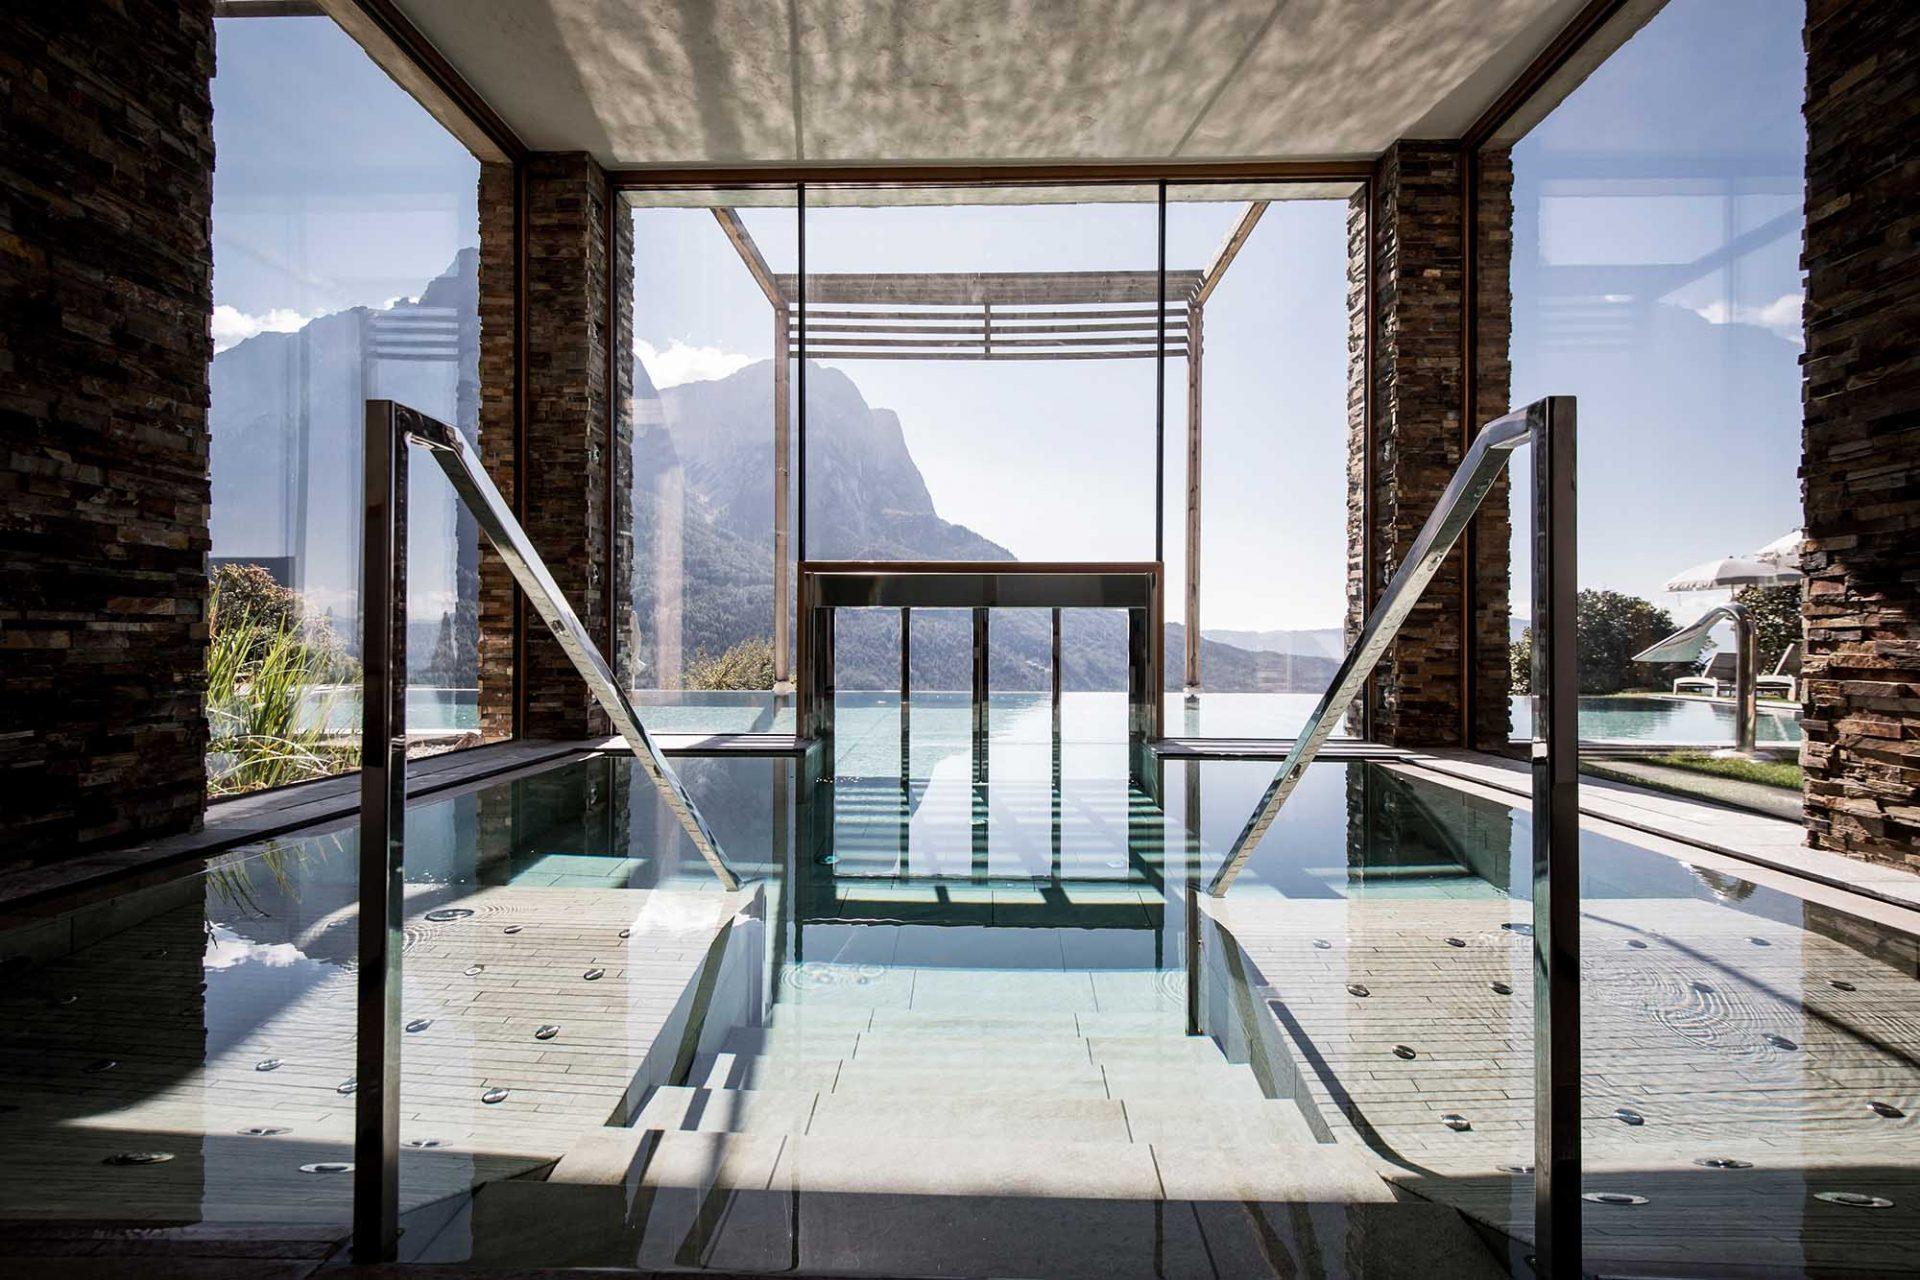 pool und spa als zentrum der wellness anlage - Spa Und Wellness Zentren Kreative Architektur